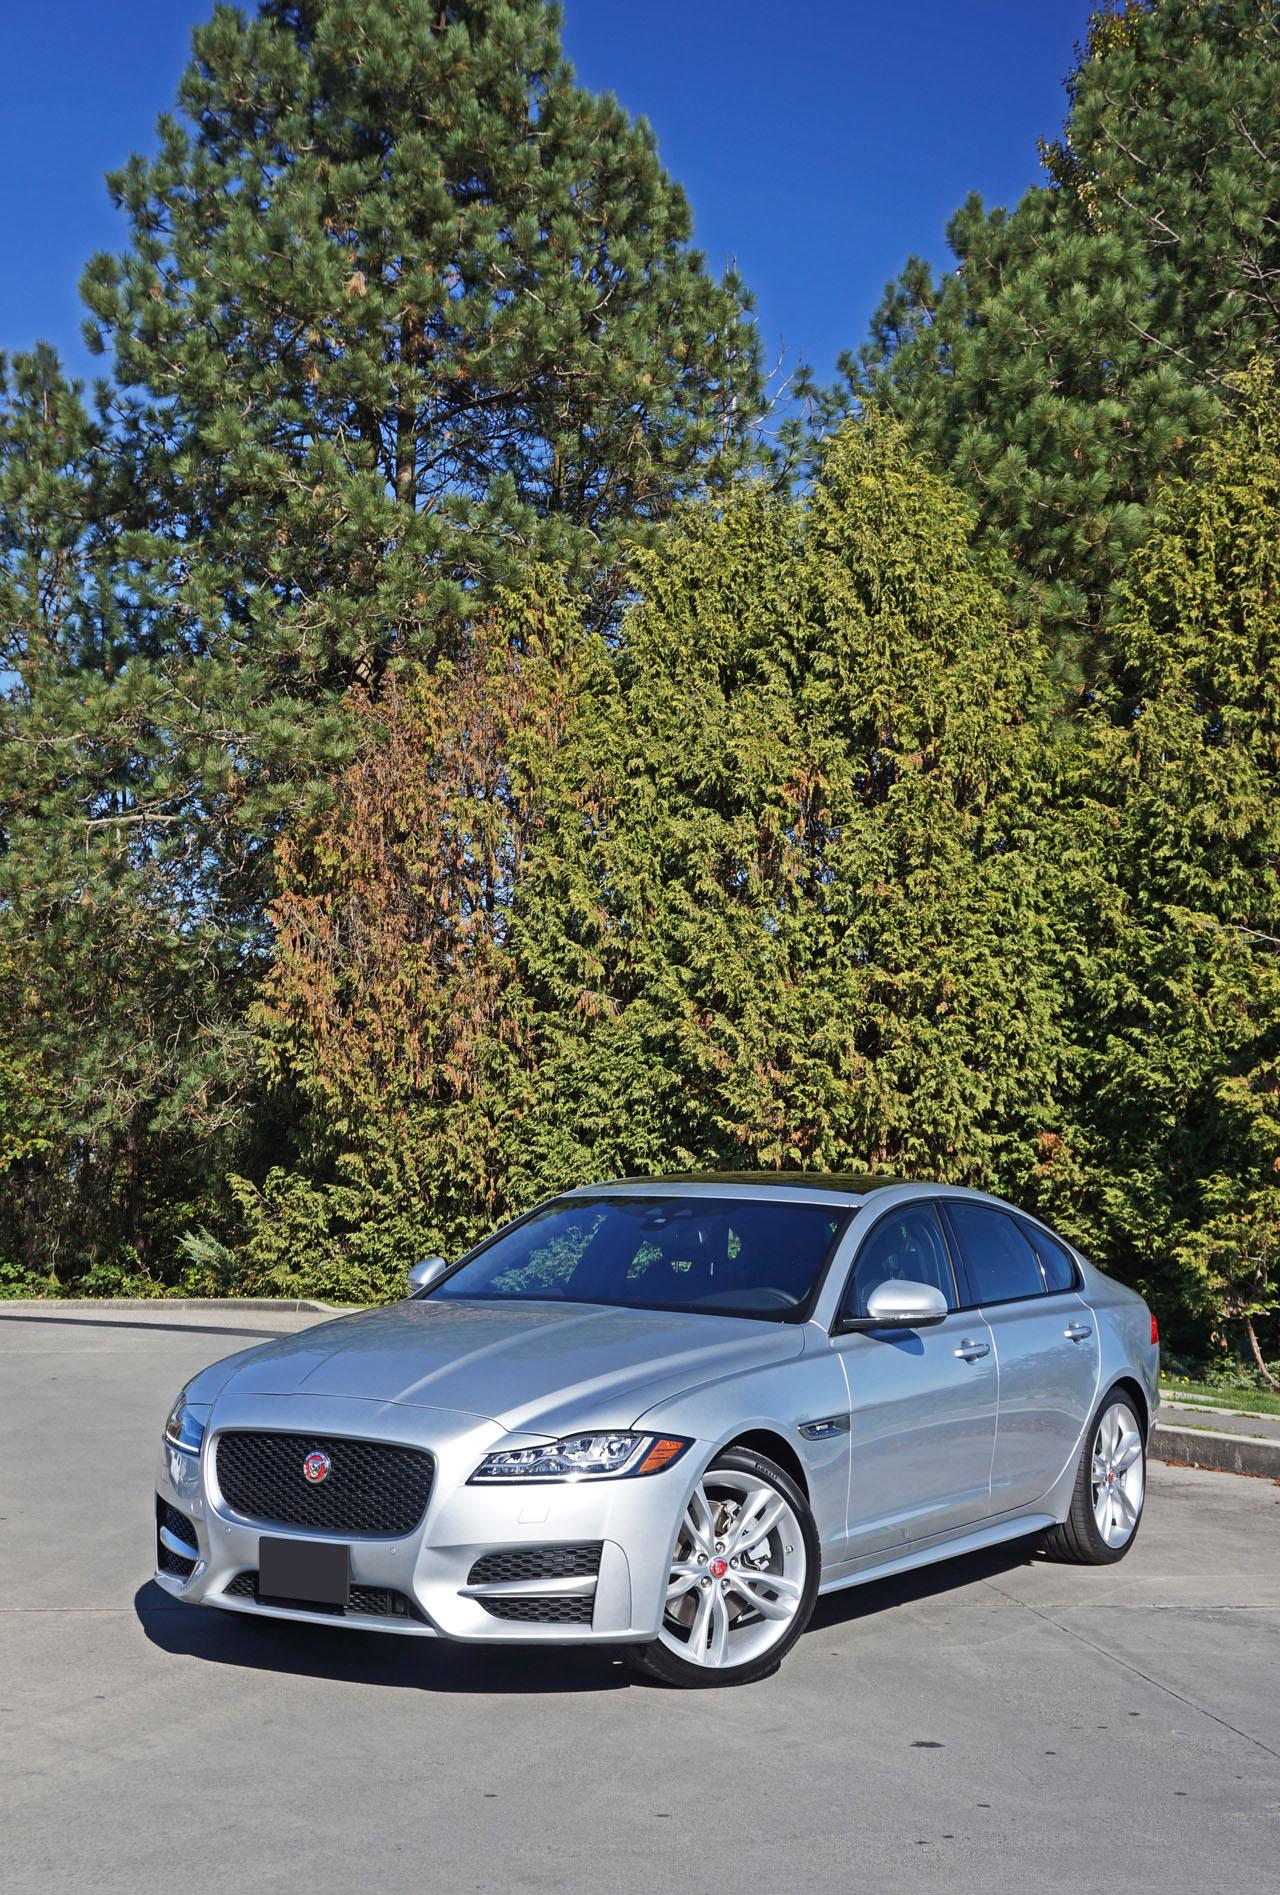 awd xf 35t jaguar test sport road